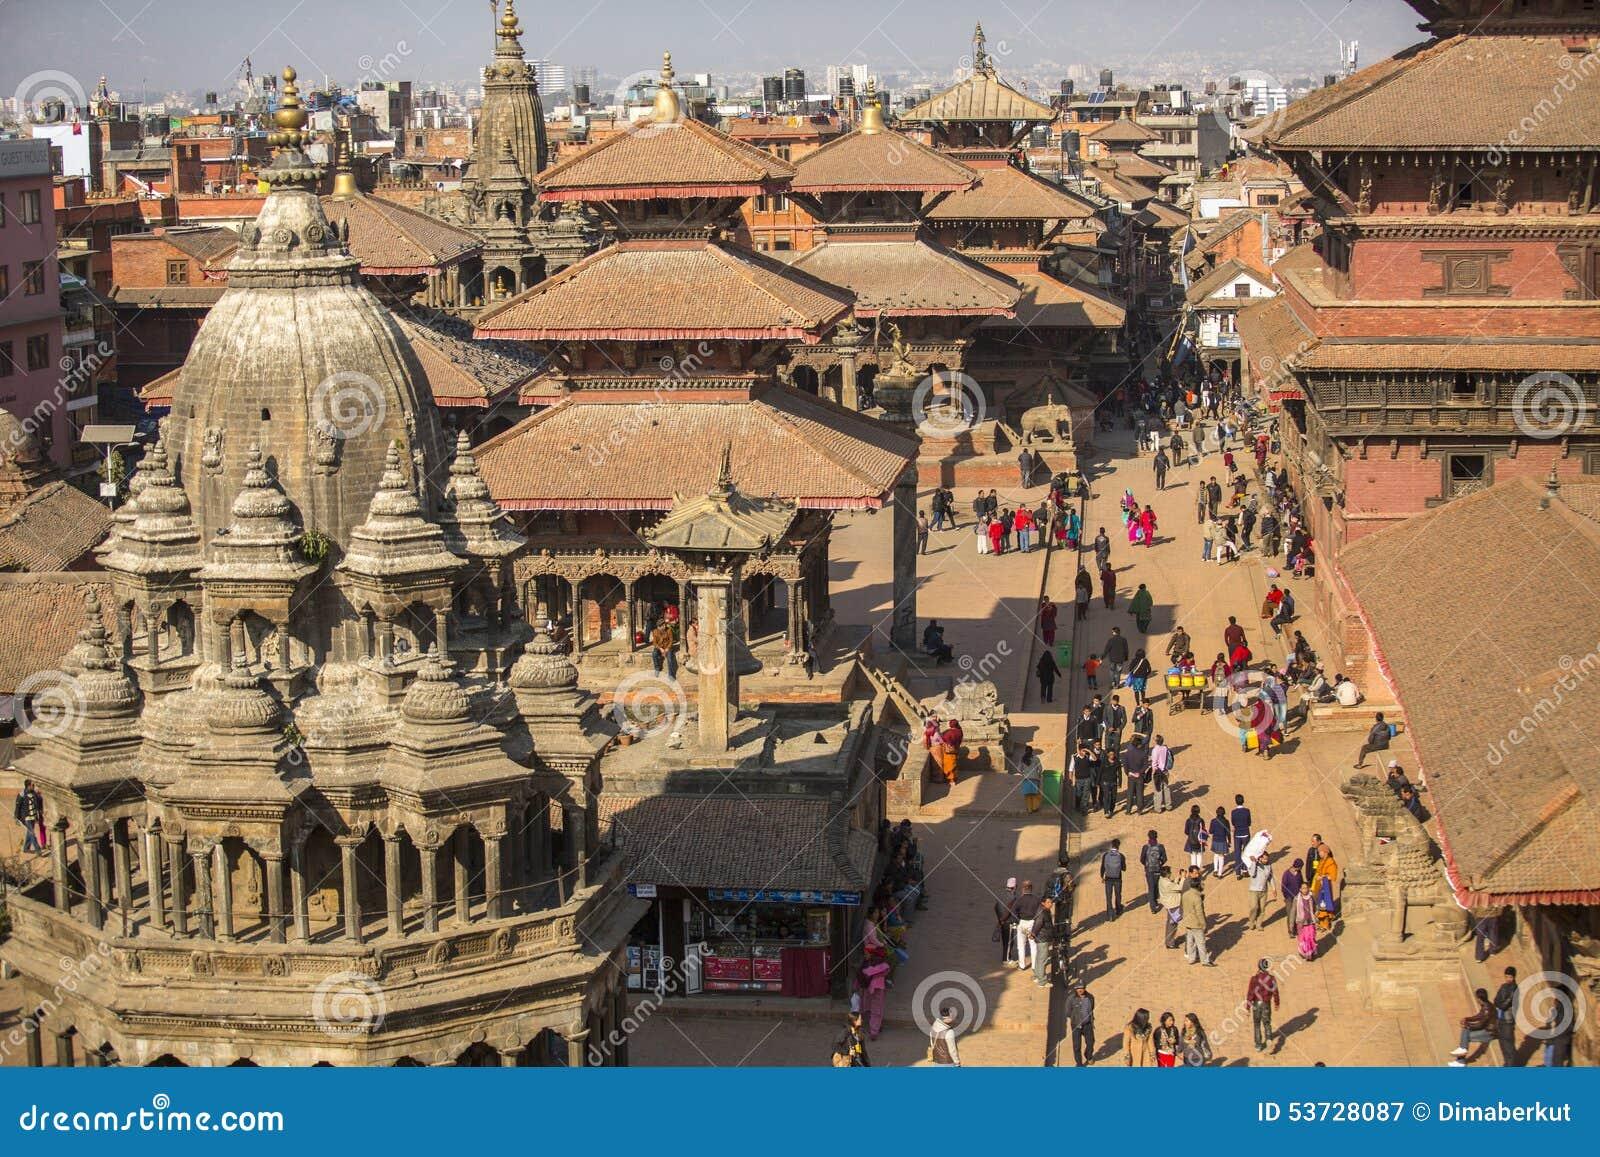 Взгляд квадрата Patan Durbar Оно один из 3 королевских городов в Катманду, очень популярном пятне для туристов